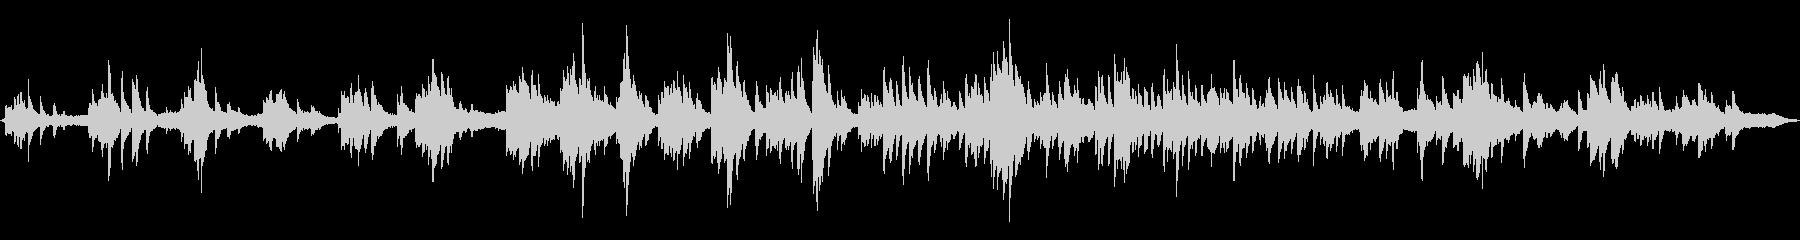 ピアノと波音の未再生の波形